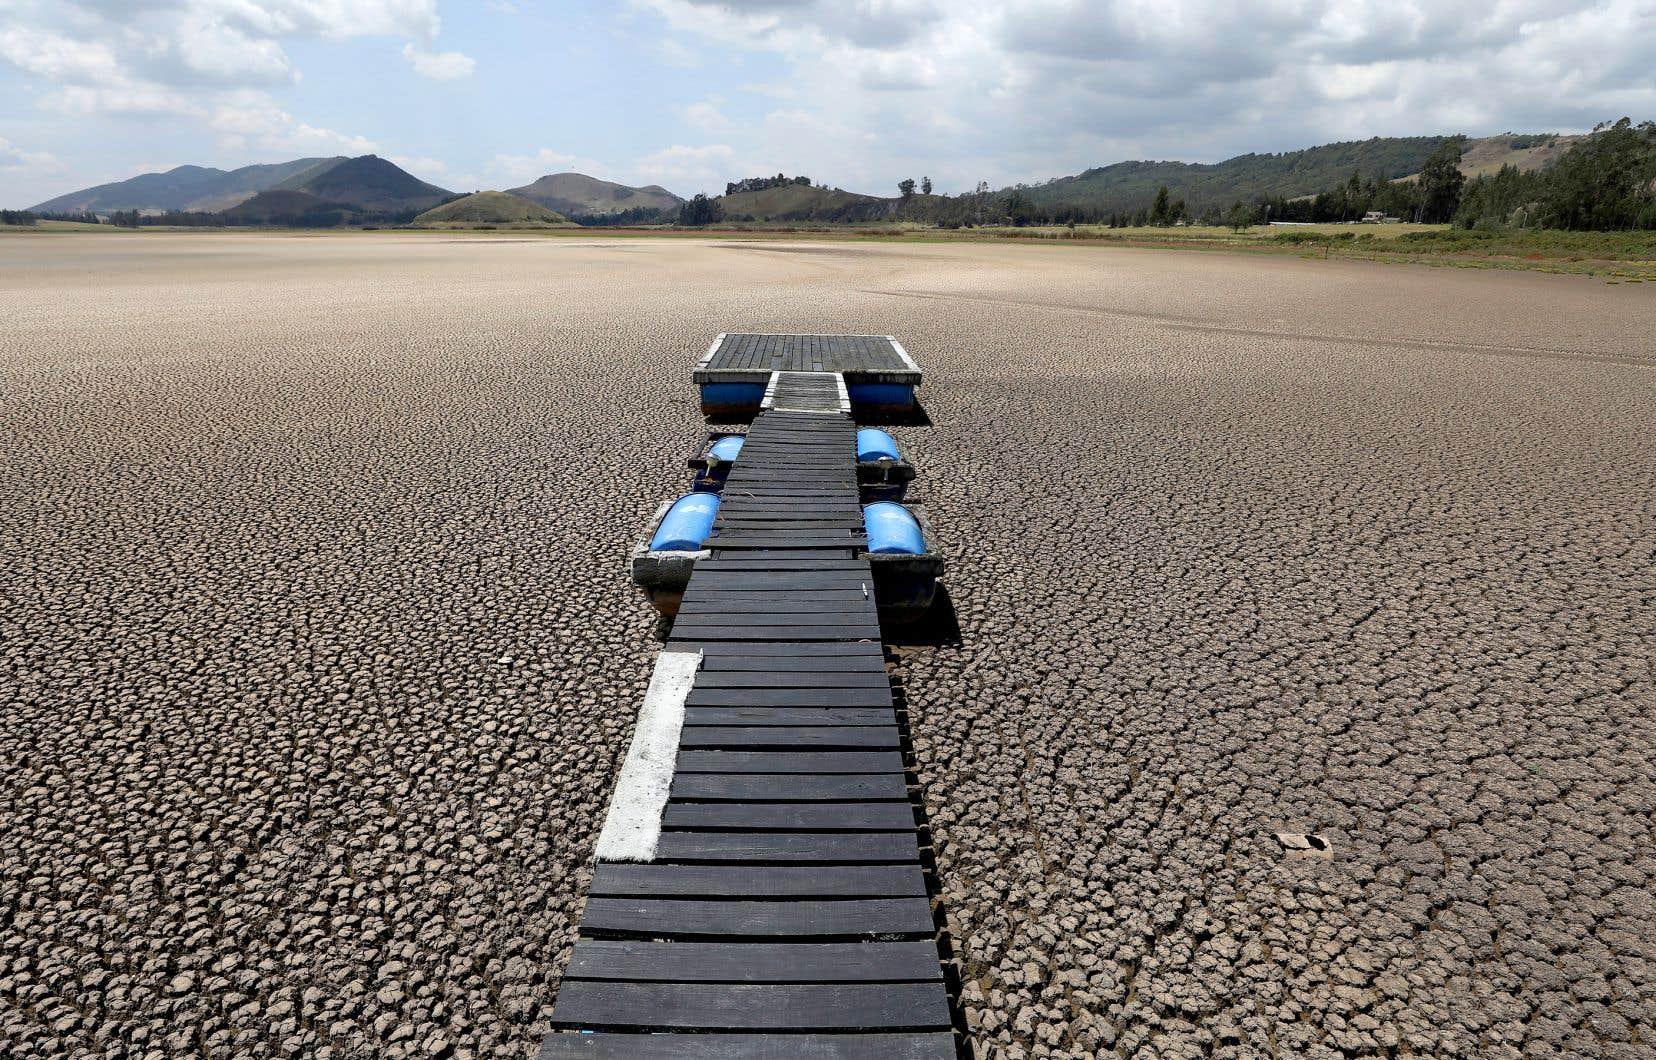 Des vagues de chaleur extrêmes, de graves sécheresses et des incendies de forêt ont entraîné des dizaines de milliards de dollars de pertes et de nombreux décès partout sur la planète.